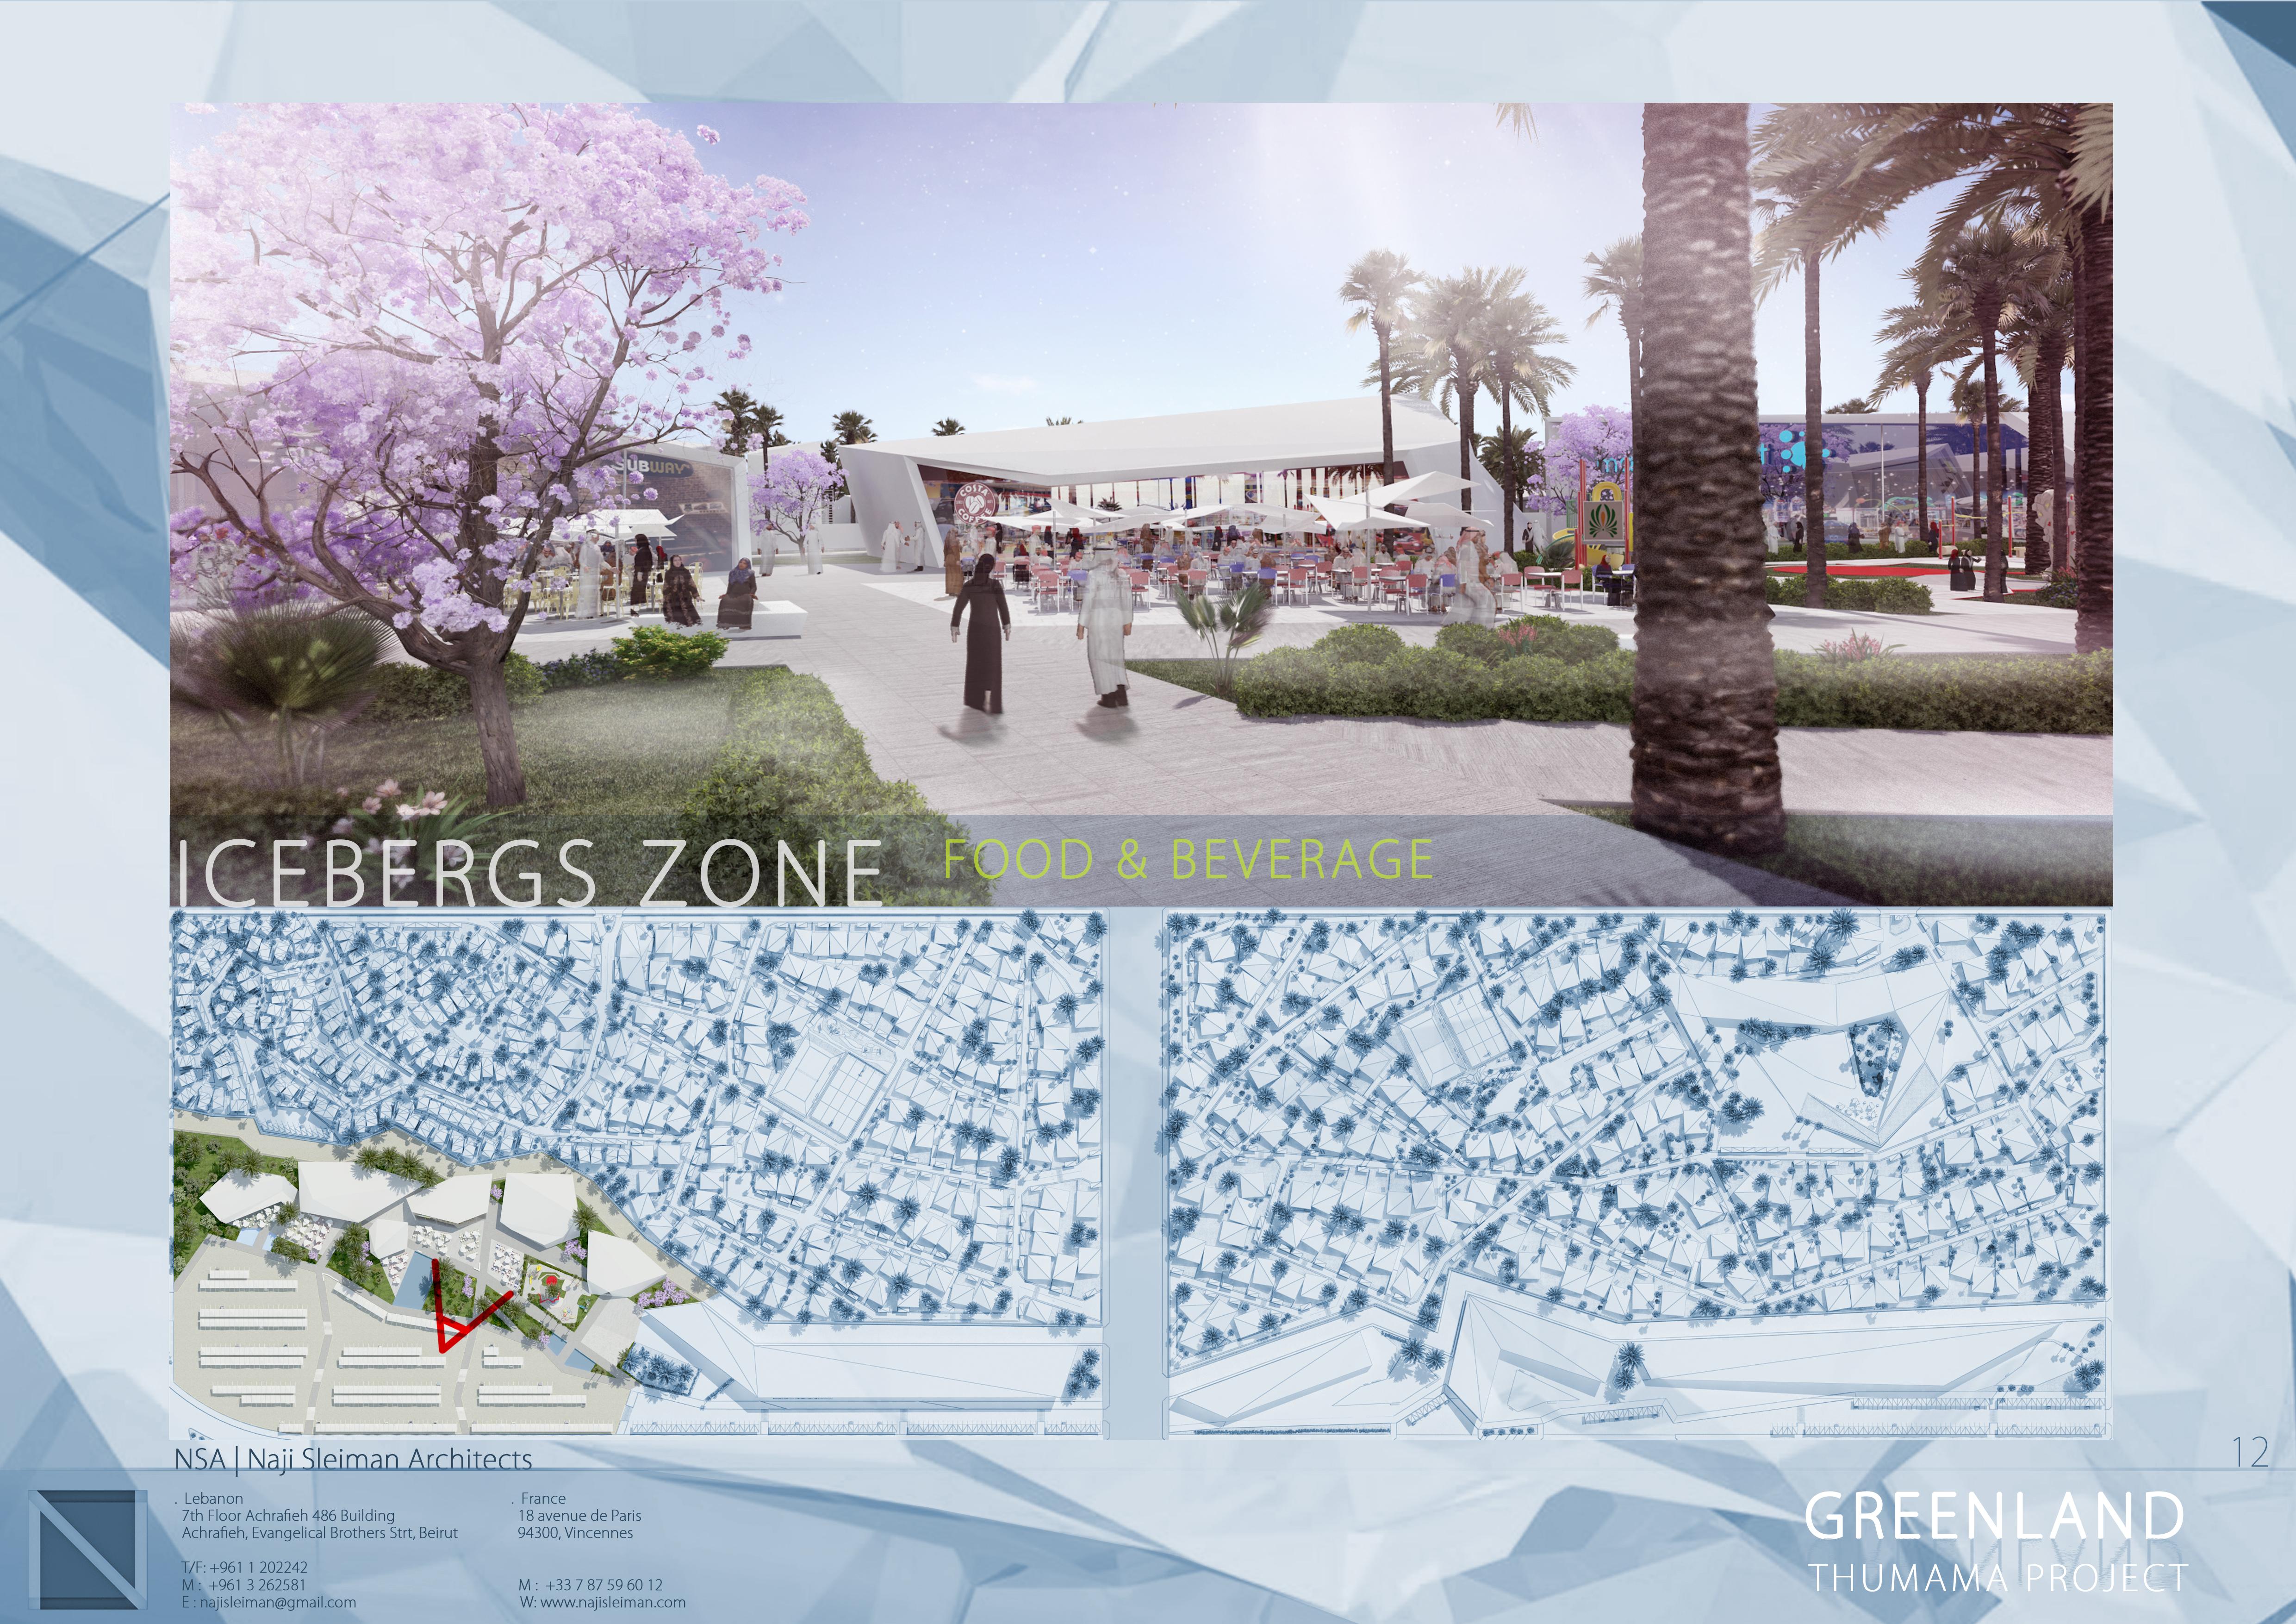 012_ICEBERGS ZONE